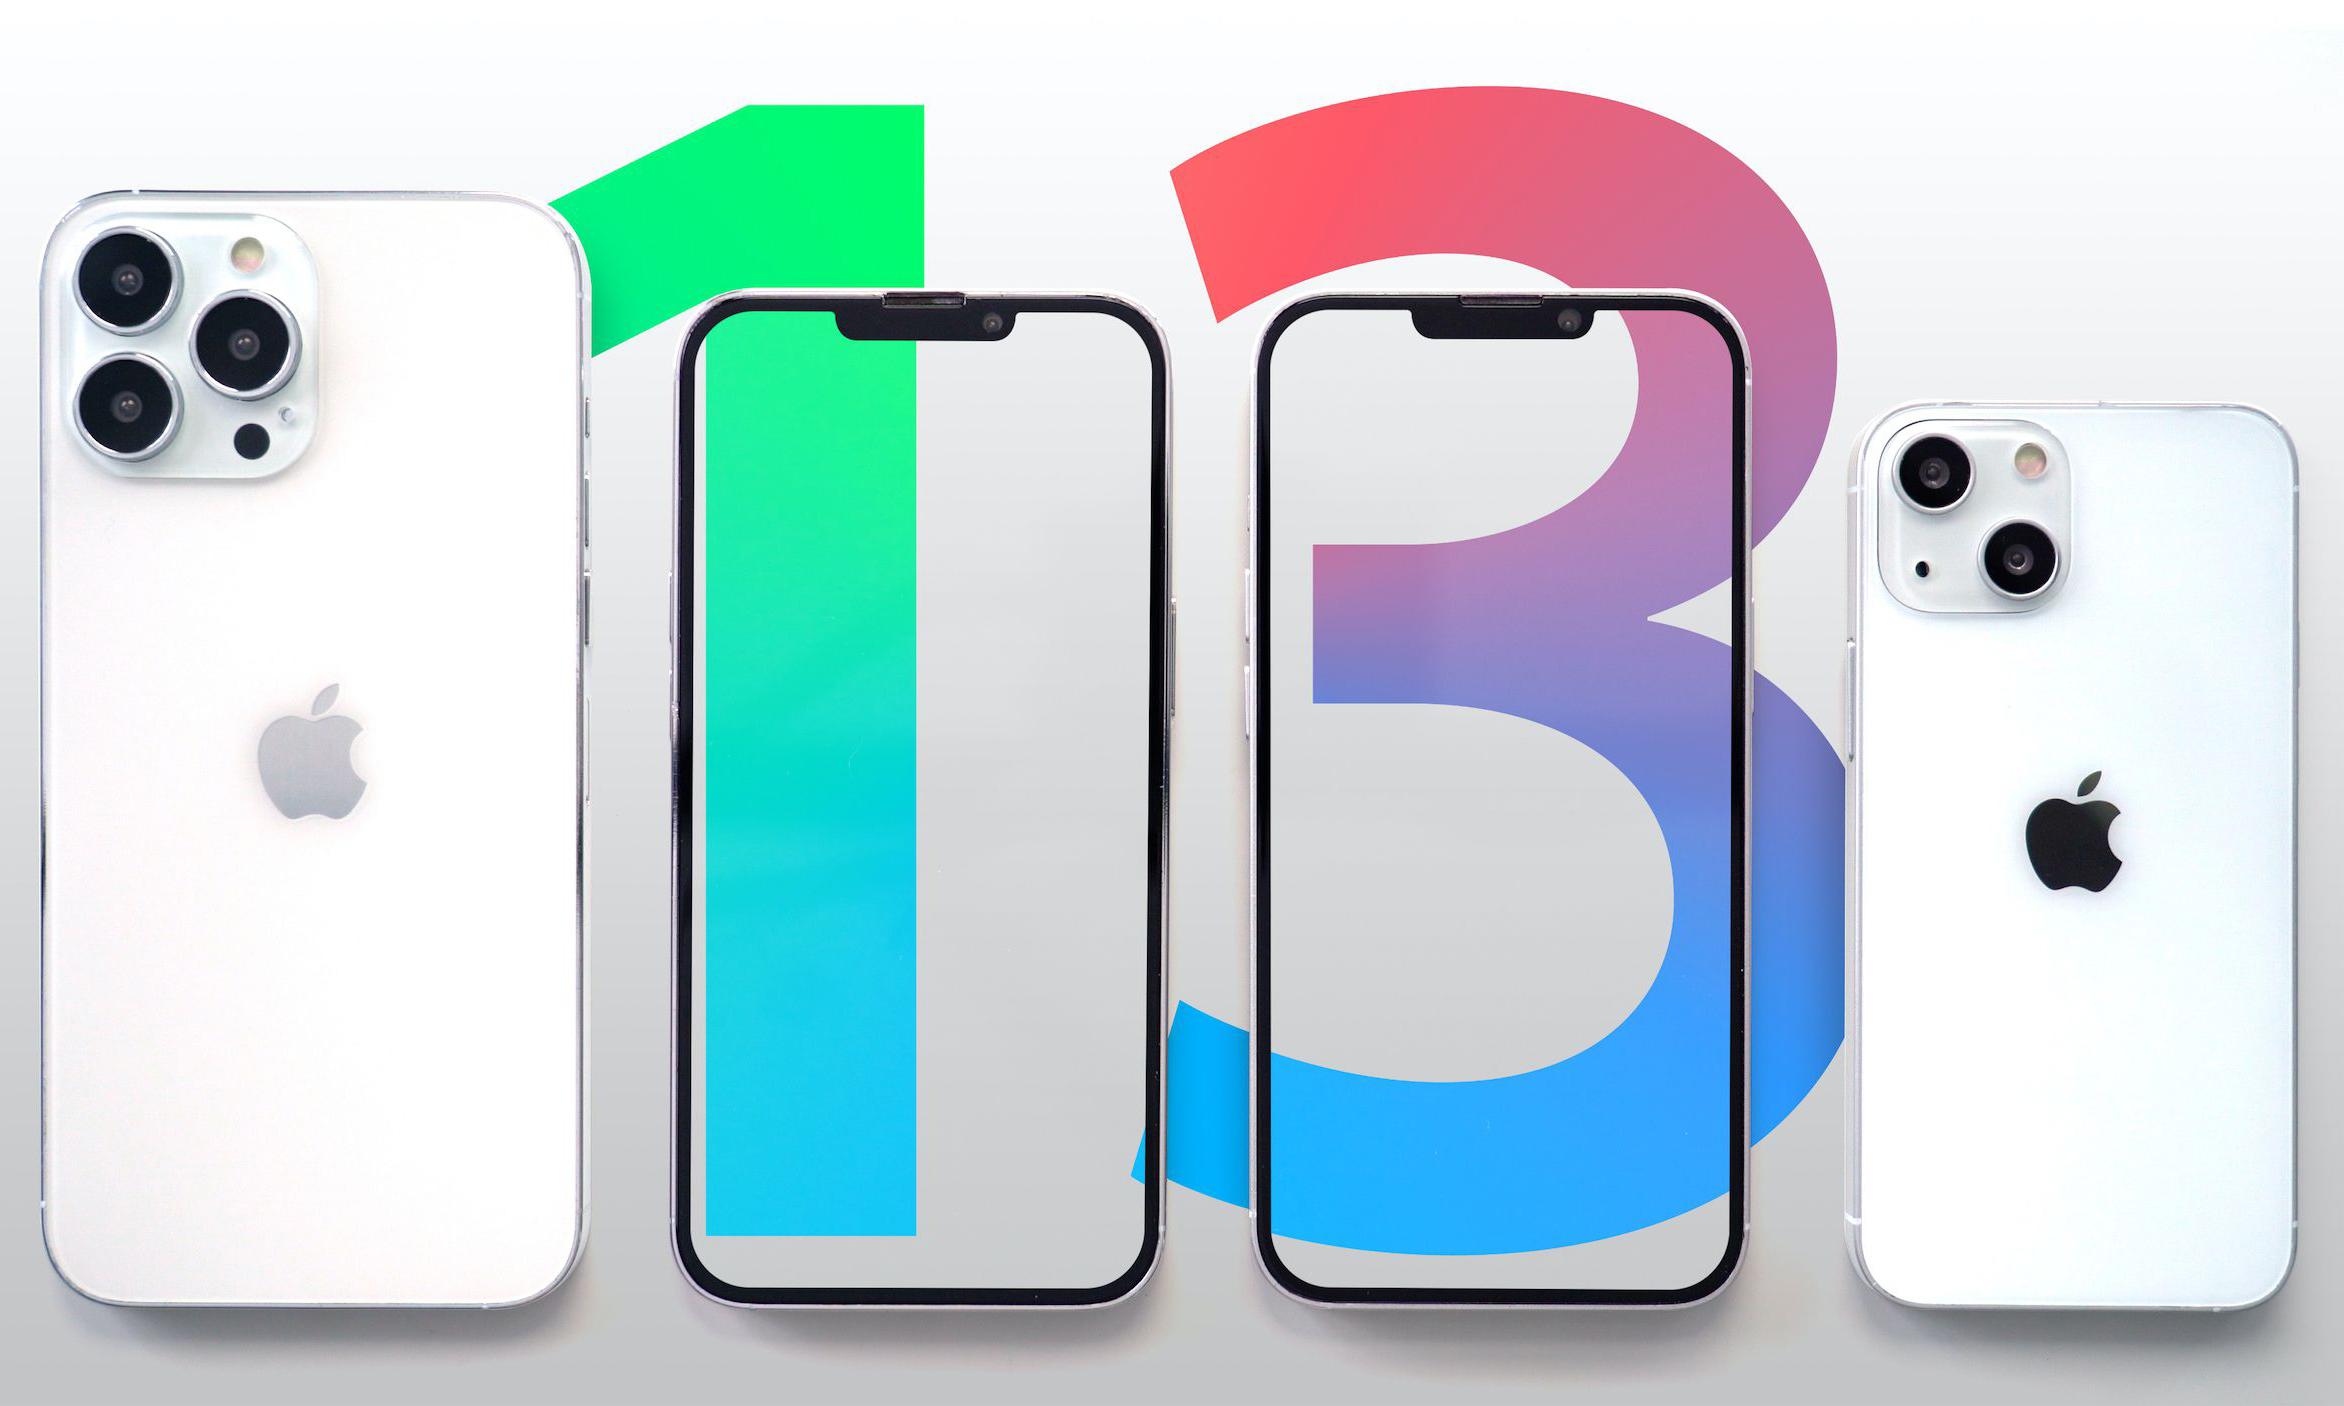 半个月后见,苹果或将于北京时间 9 月 15 日凌晨举办新品发布会